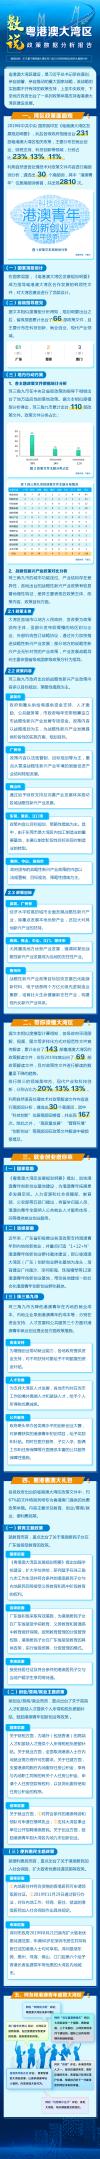 海口法制数说粤港澳大湾区政策数据分析报告